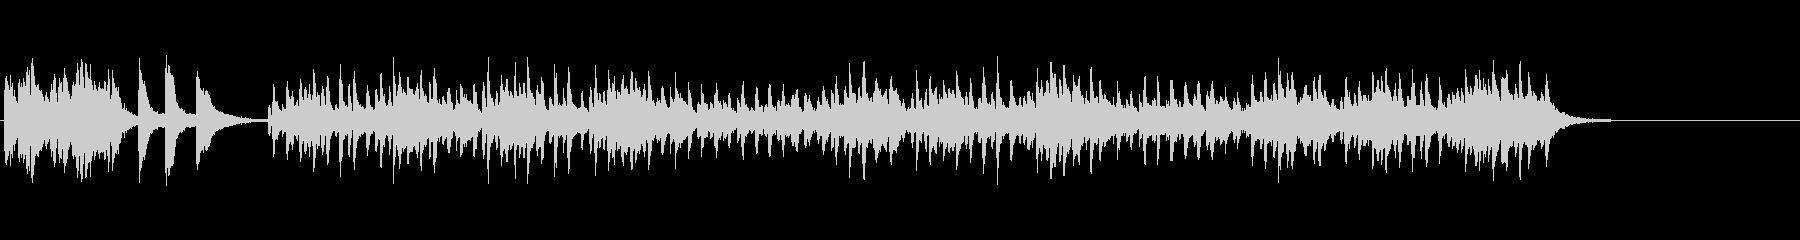 タランテラ(ブルグミュラー)の未再生の波形